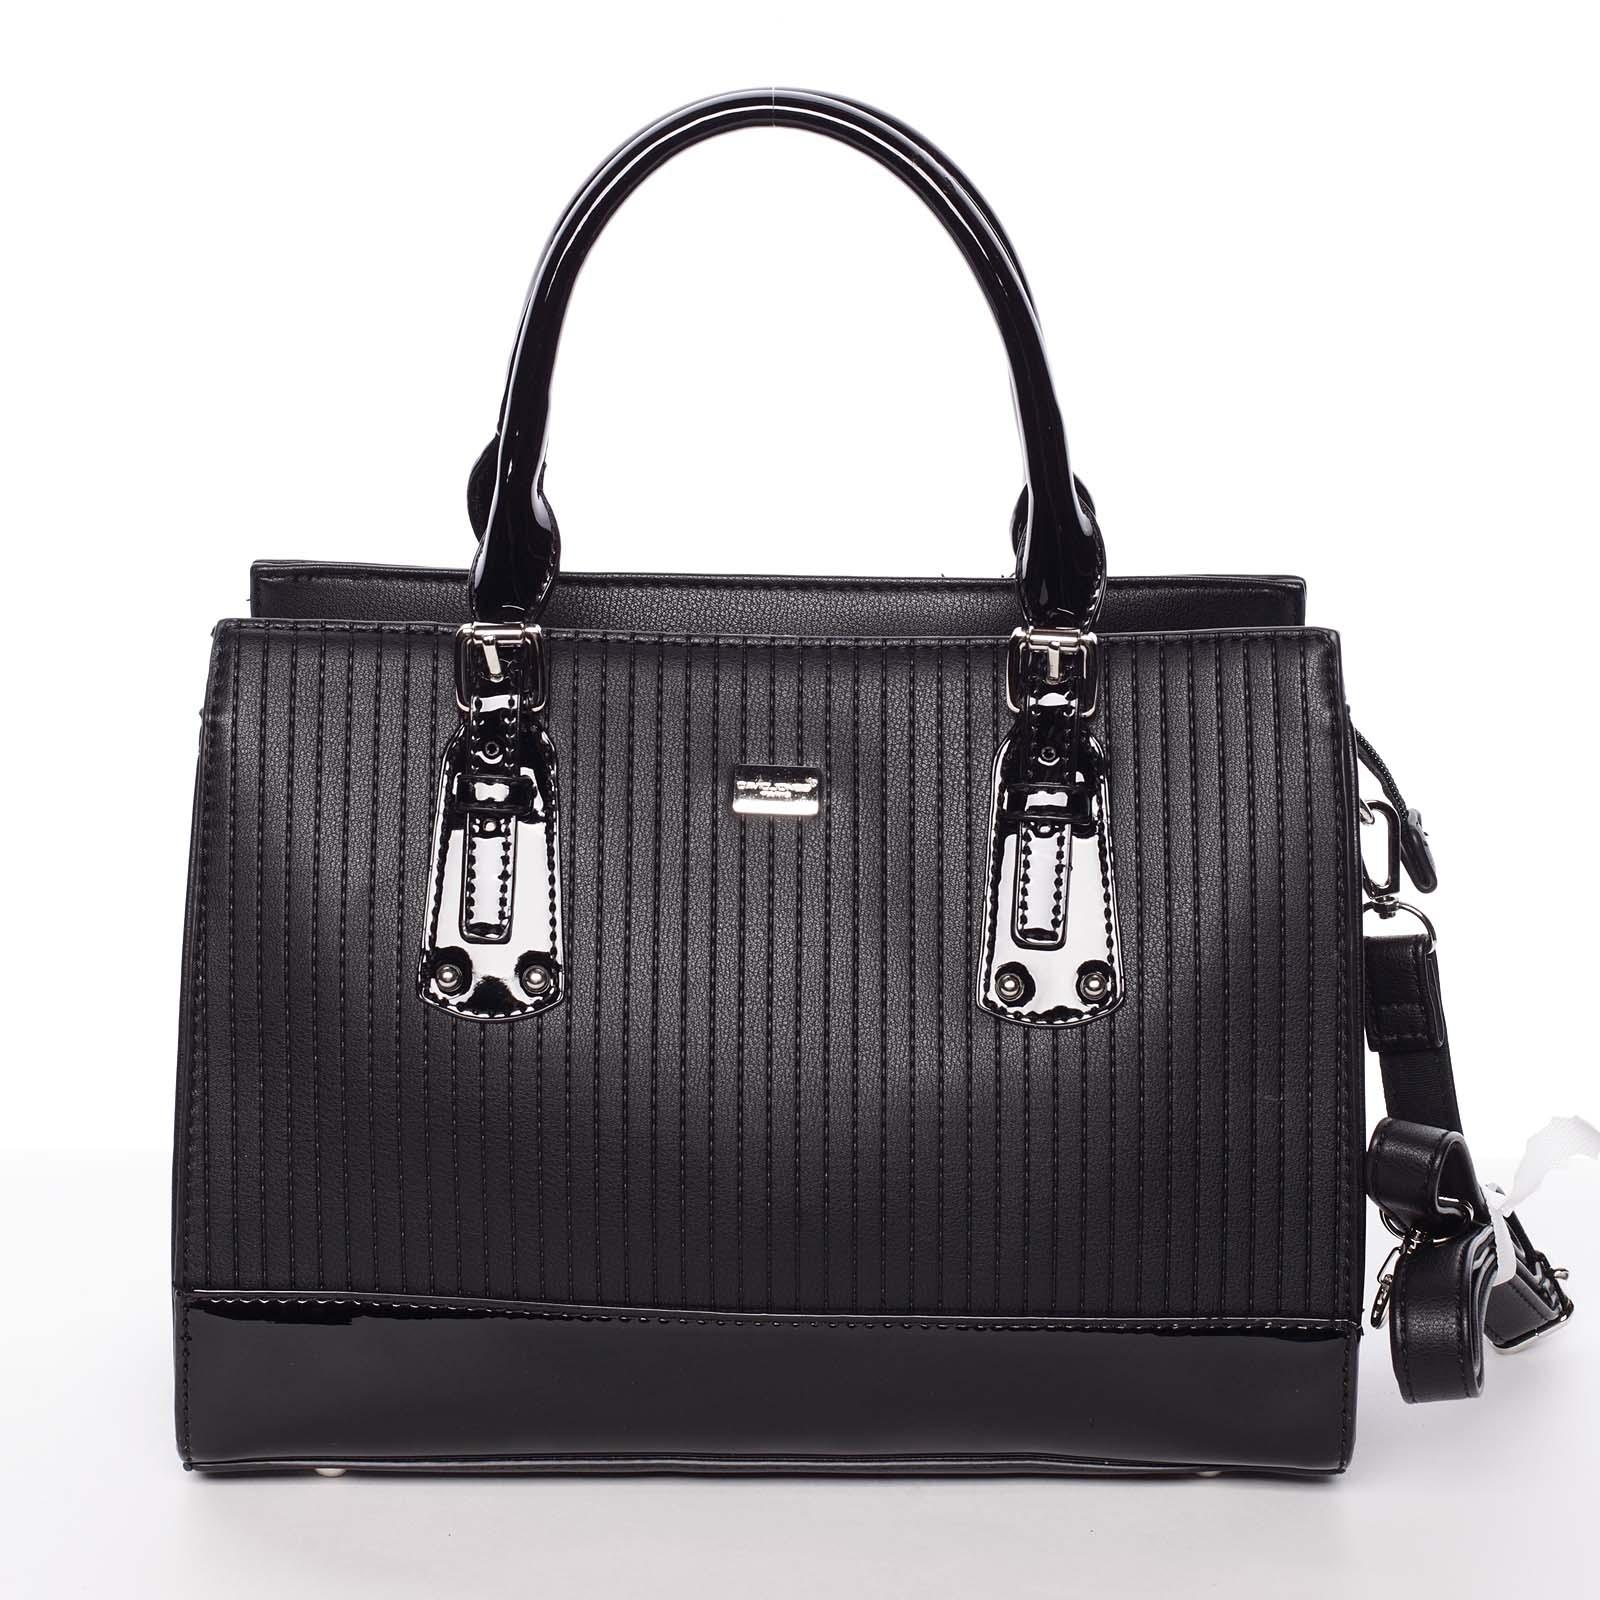 Luxusná čierna dámska prešívaná kabelka do ruky - David Jones Pannai čierna